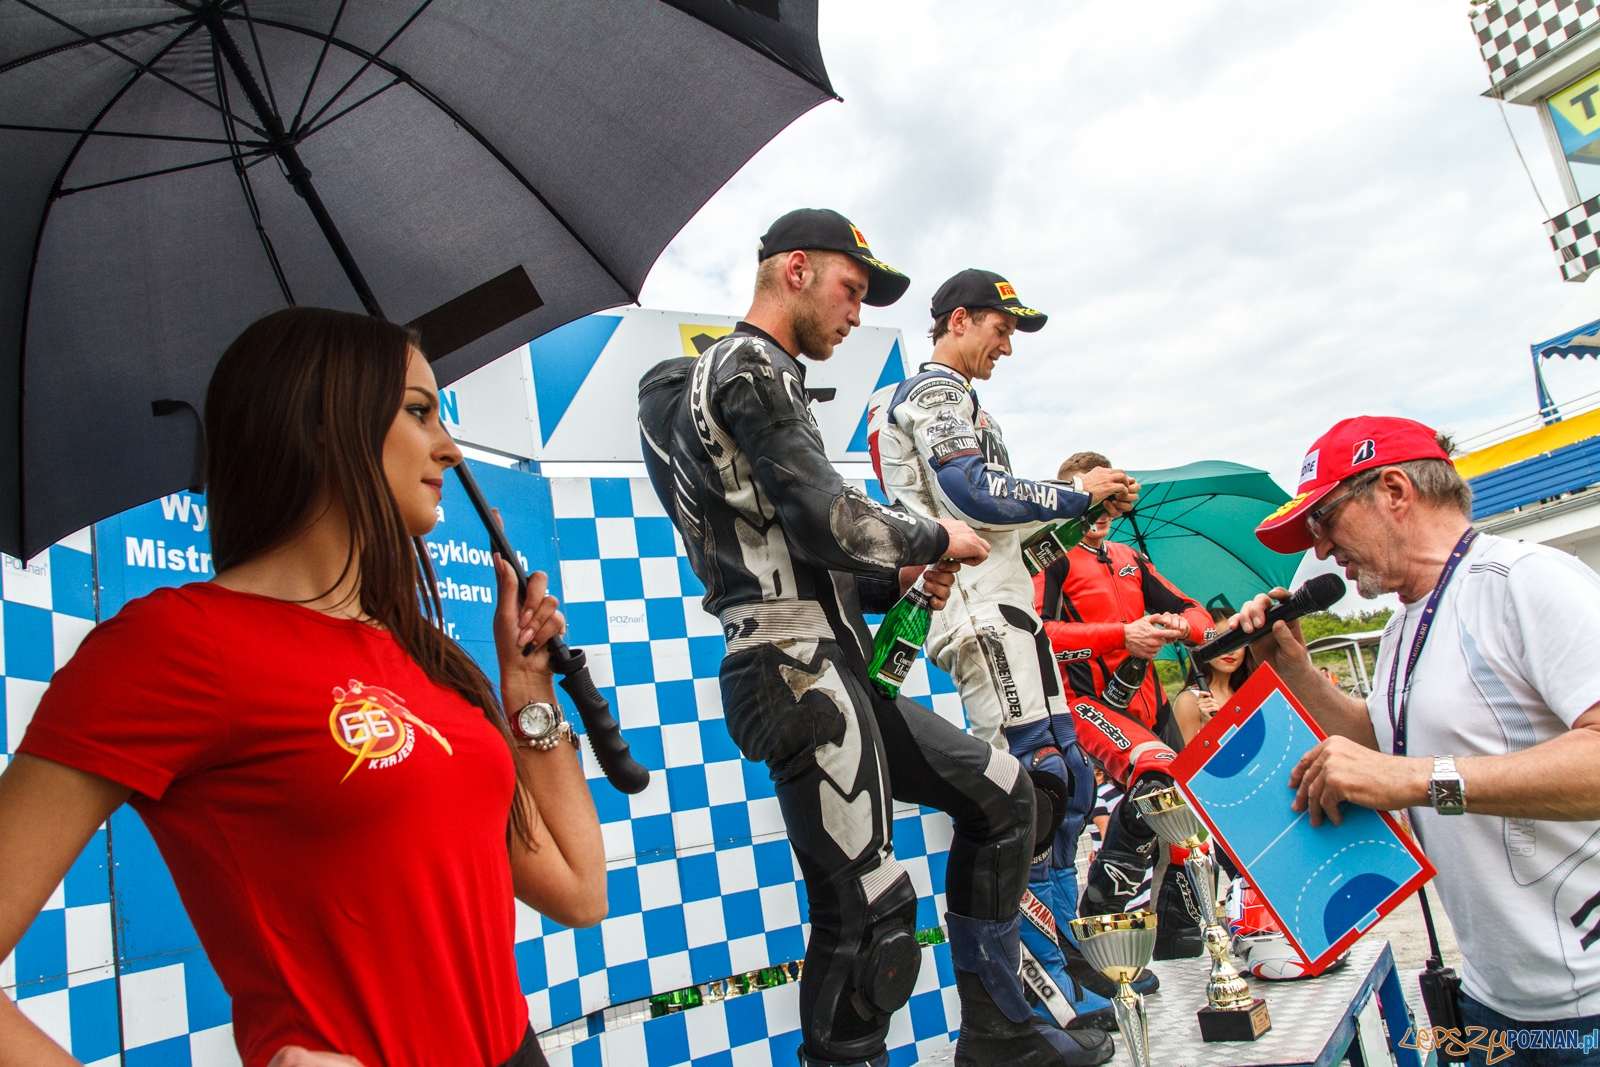 Wyścigowe Motocyklowe Mistrzostwa Polski runda 1 - Poznań 21.0  Foto: LepszyPOZNAN.pl / Paweł Rychter